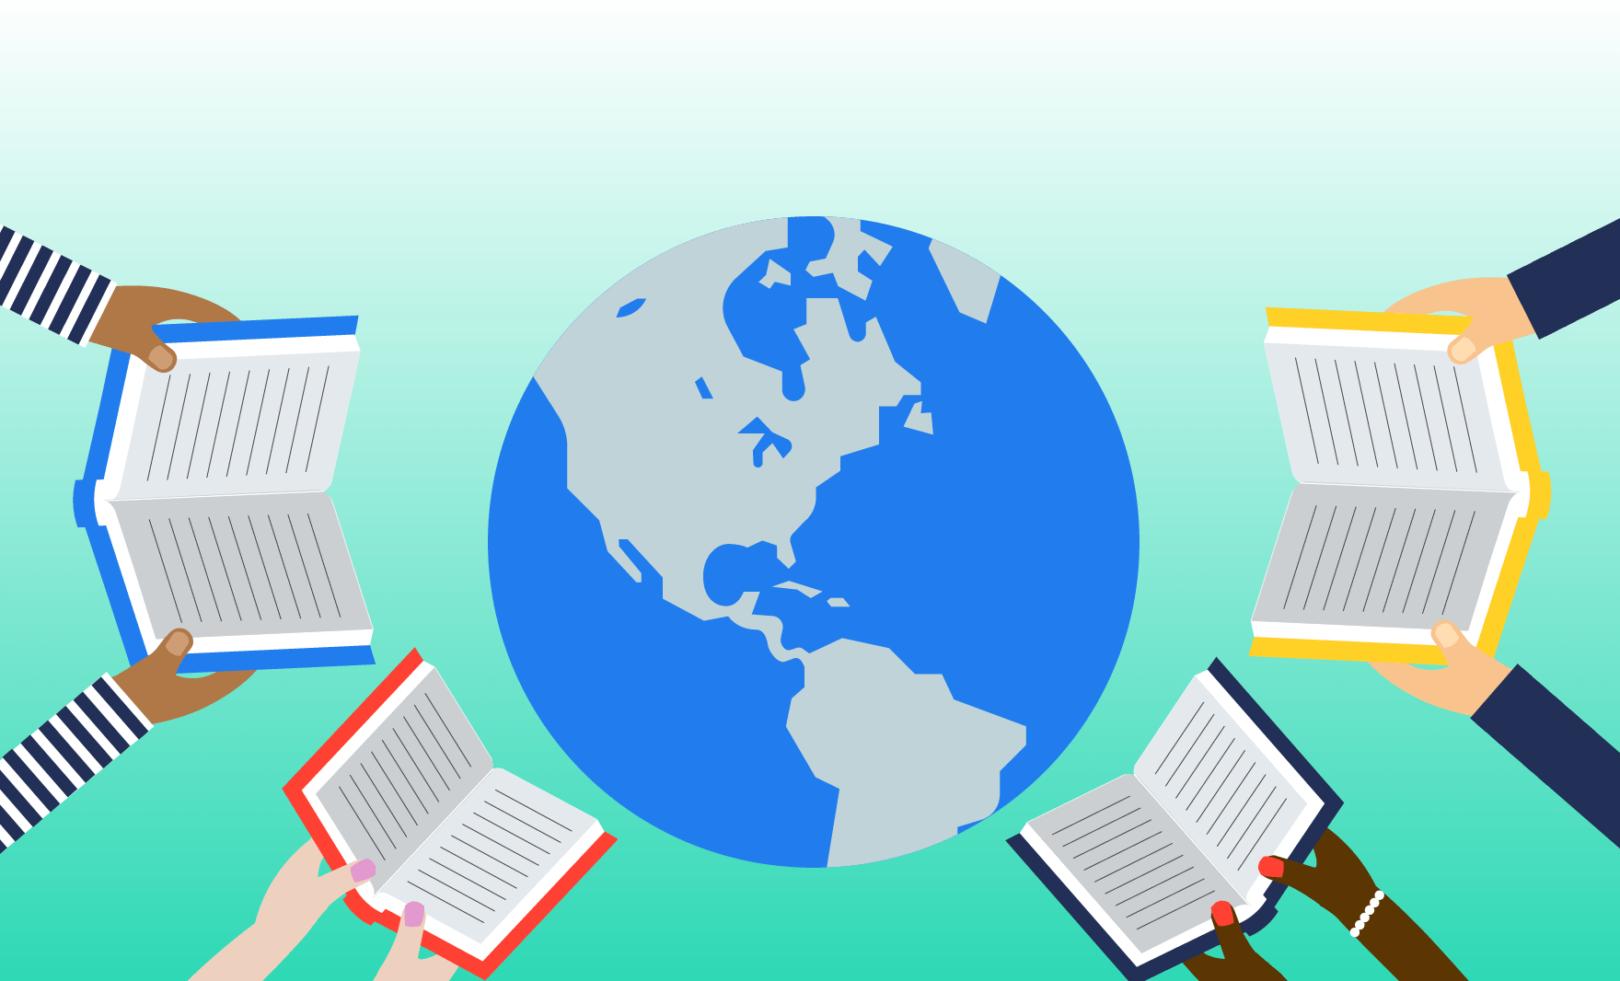 Pismenost je težava v vseh državah, saj stopnja nepismenosti z razvojem tehnologije le pada.